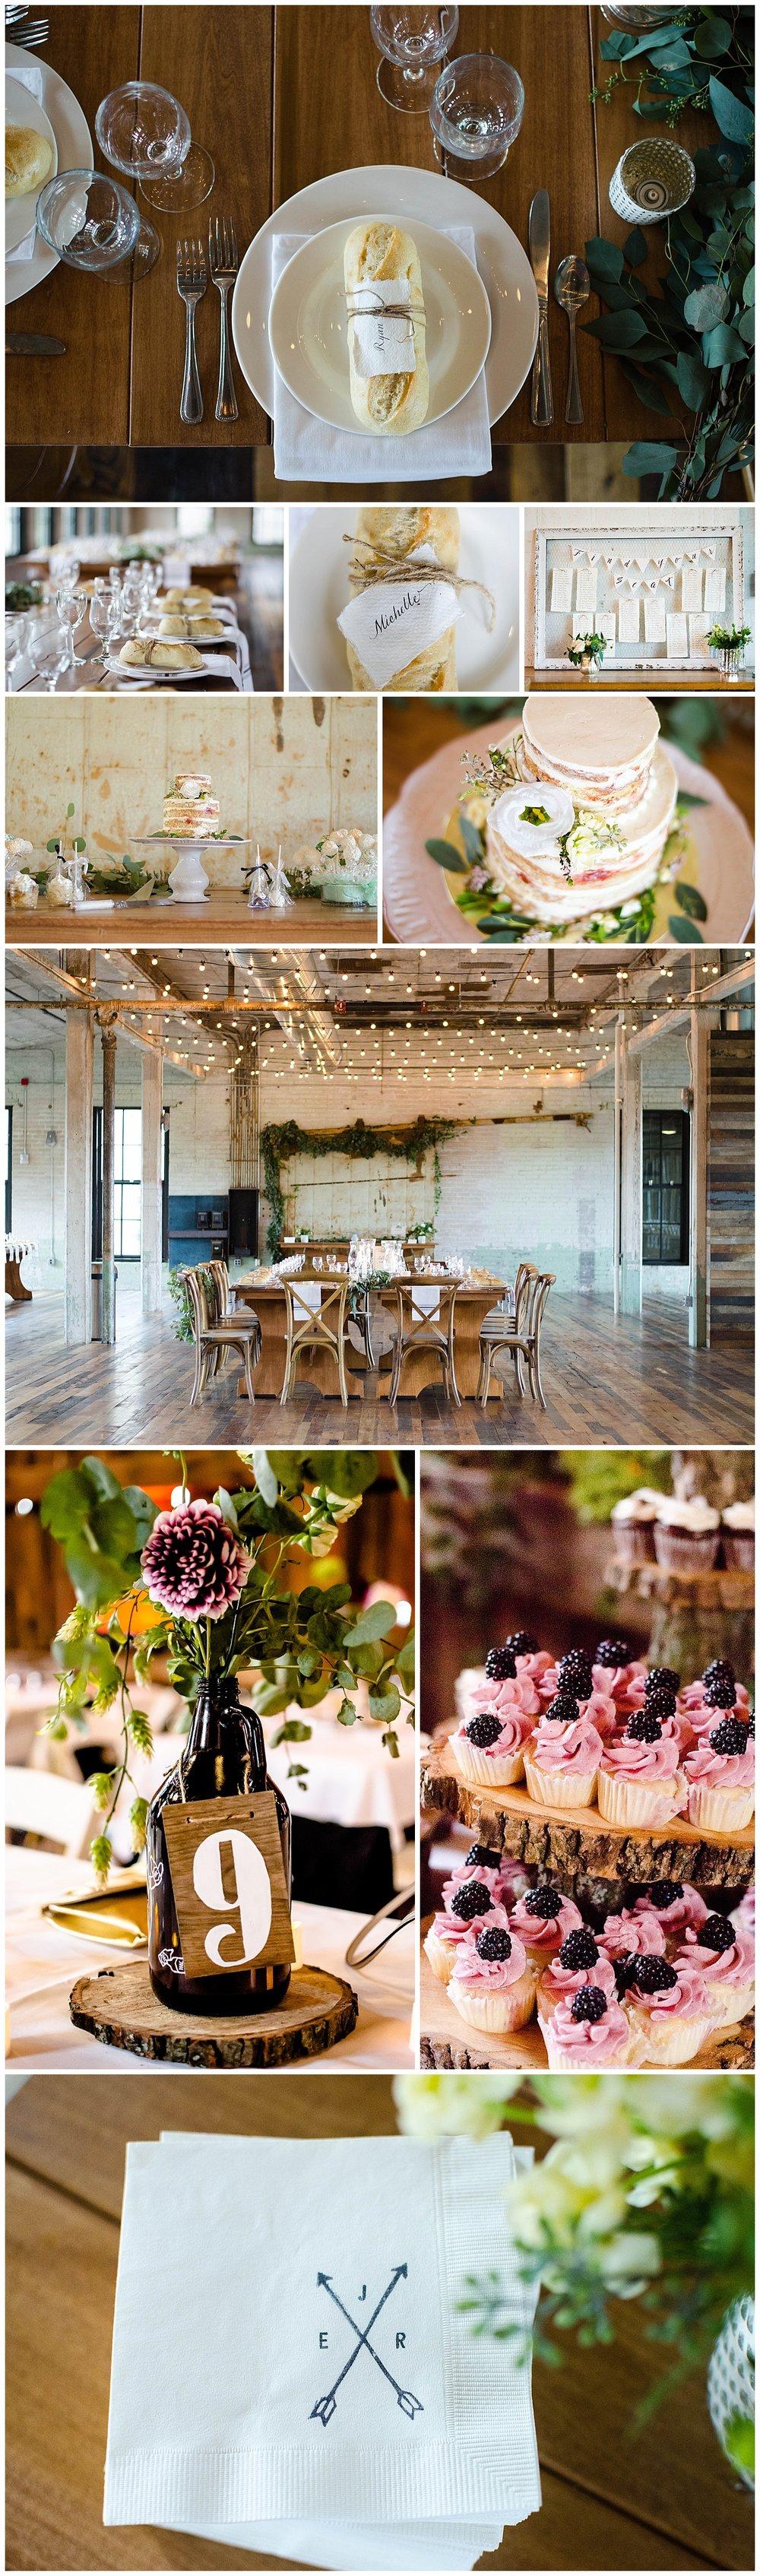 weddings-by-raisa-michigan-photographer_0014.jpg